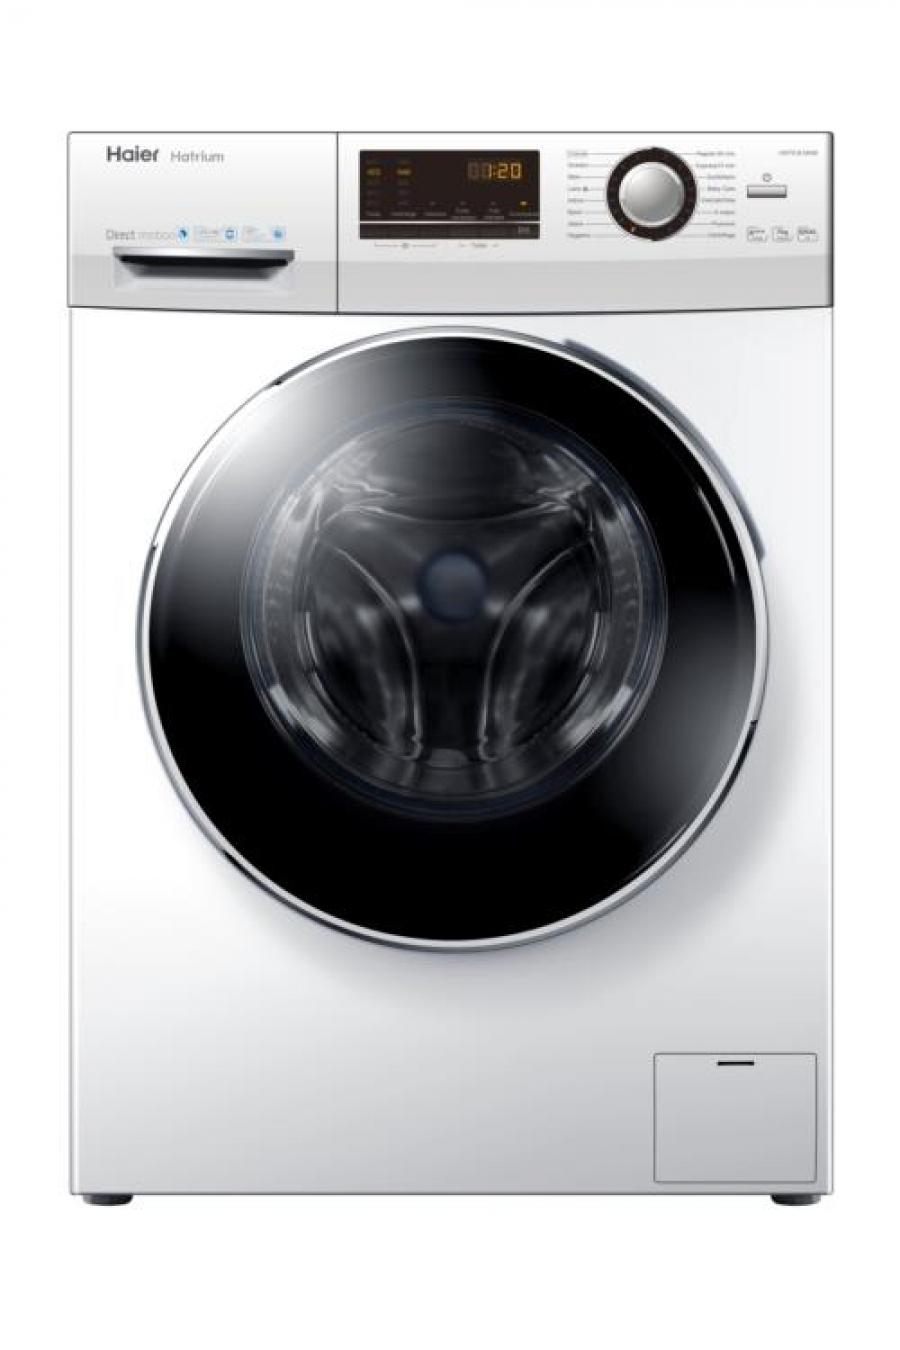 Haier arrivano le lavatrici hatrium supersilenziose for Lavatrice doppio cestello